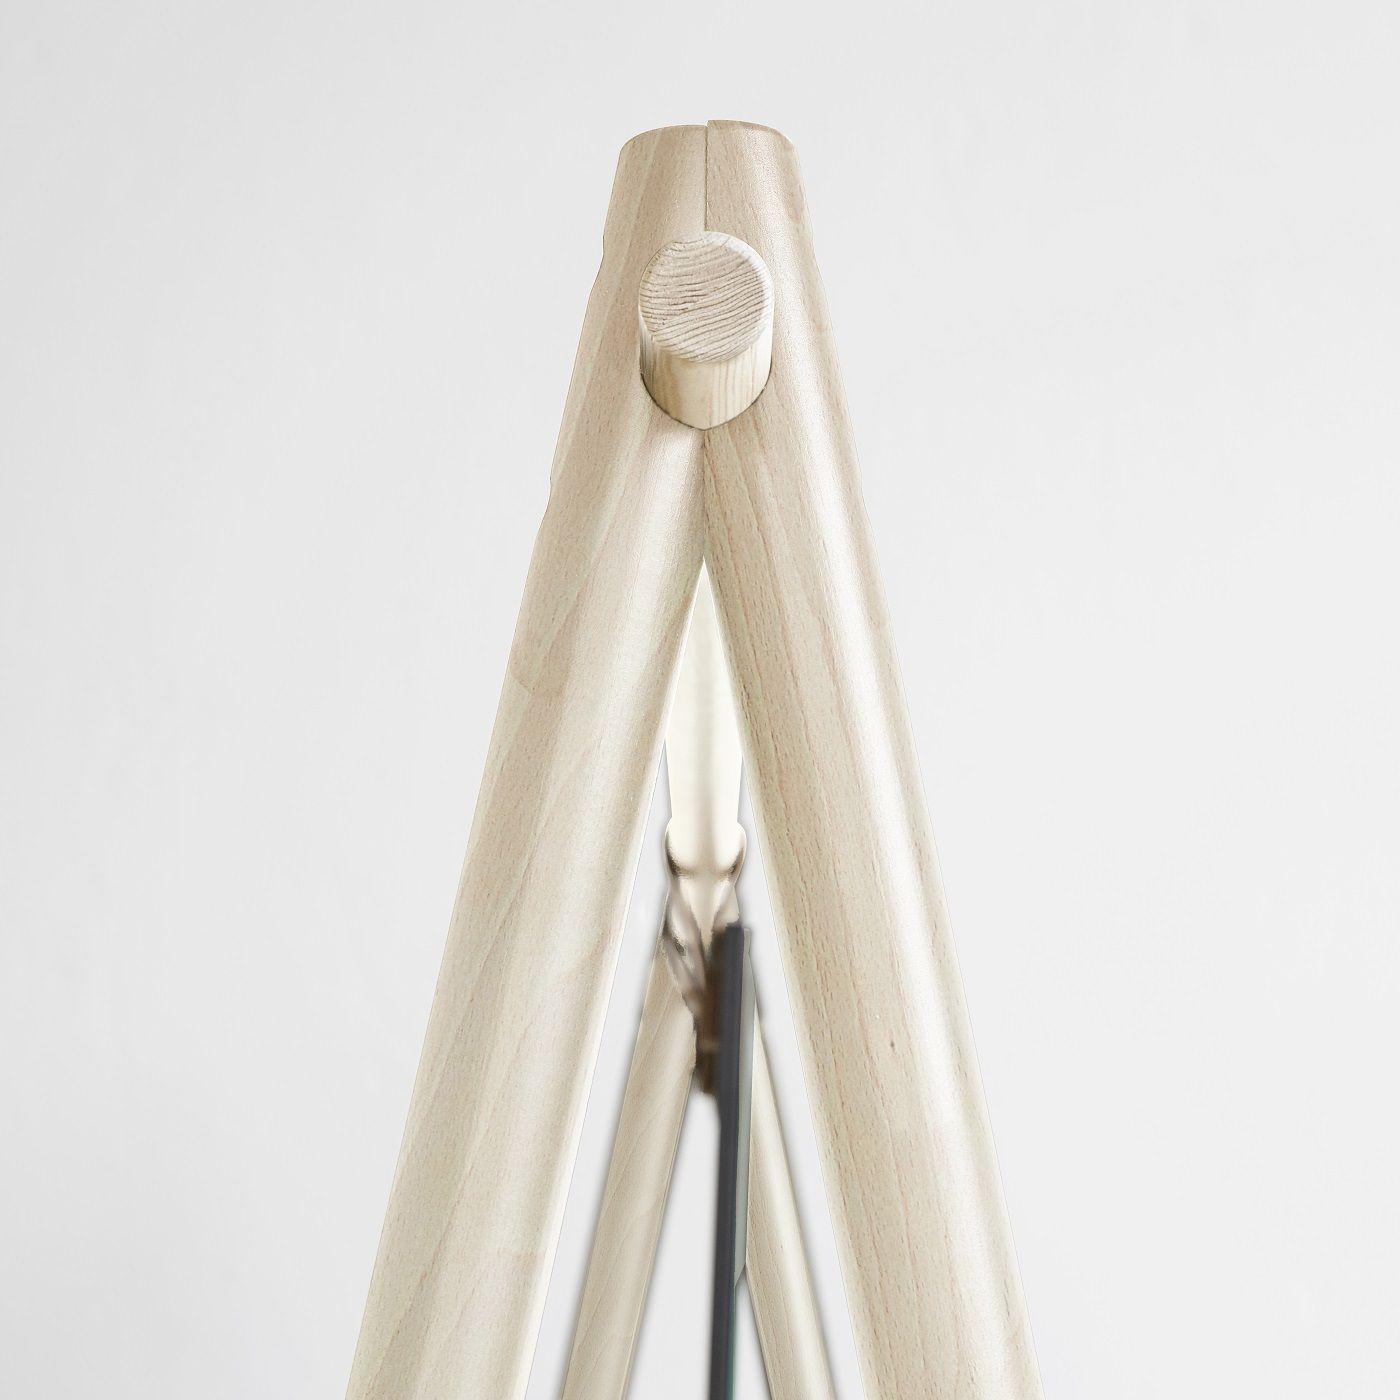 Hongi Tøjstativ m. spejl, Fyrretræ - Karup Design